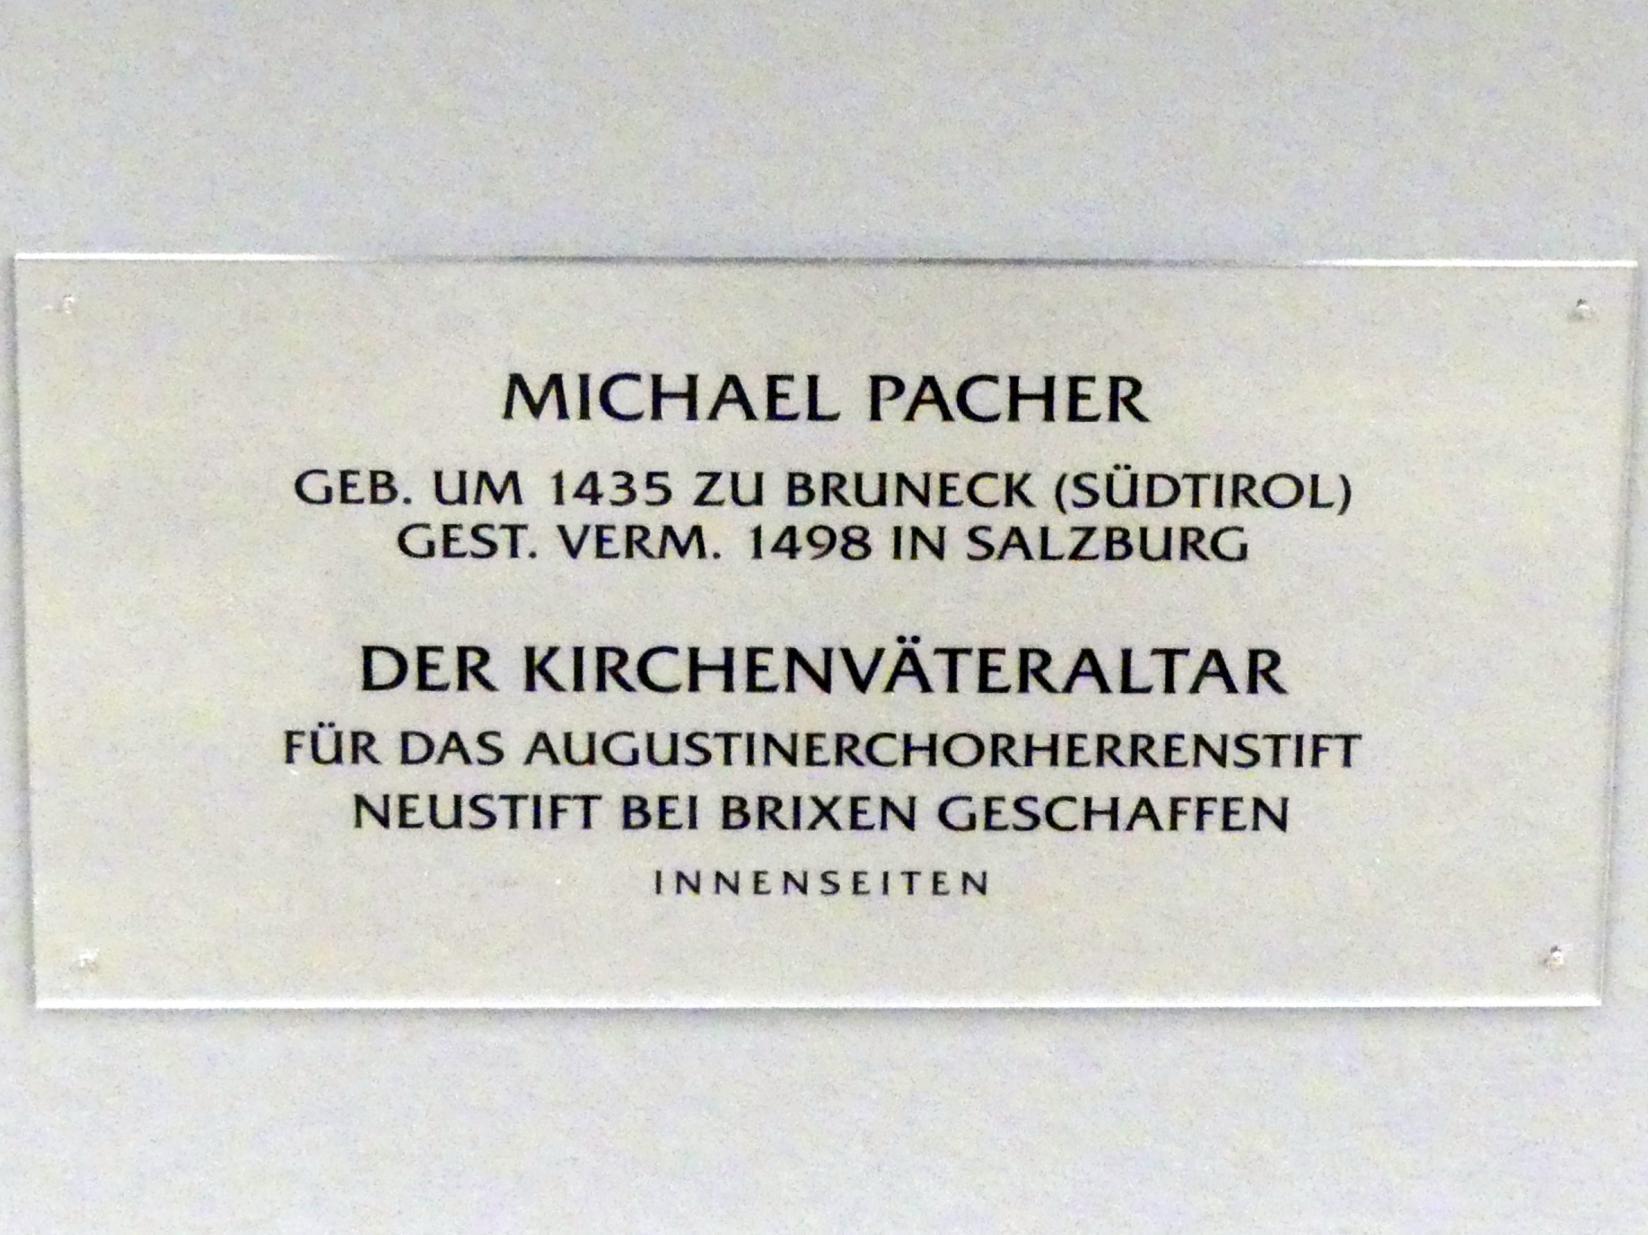 Michael Pacher: Kirchenväteraltar aus Kloster Neustift, 1470 - 1478, Bild 4/4